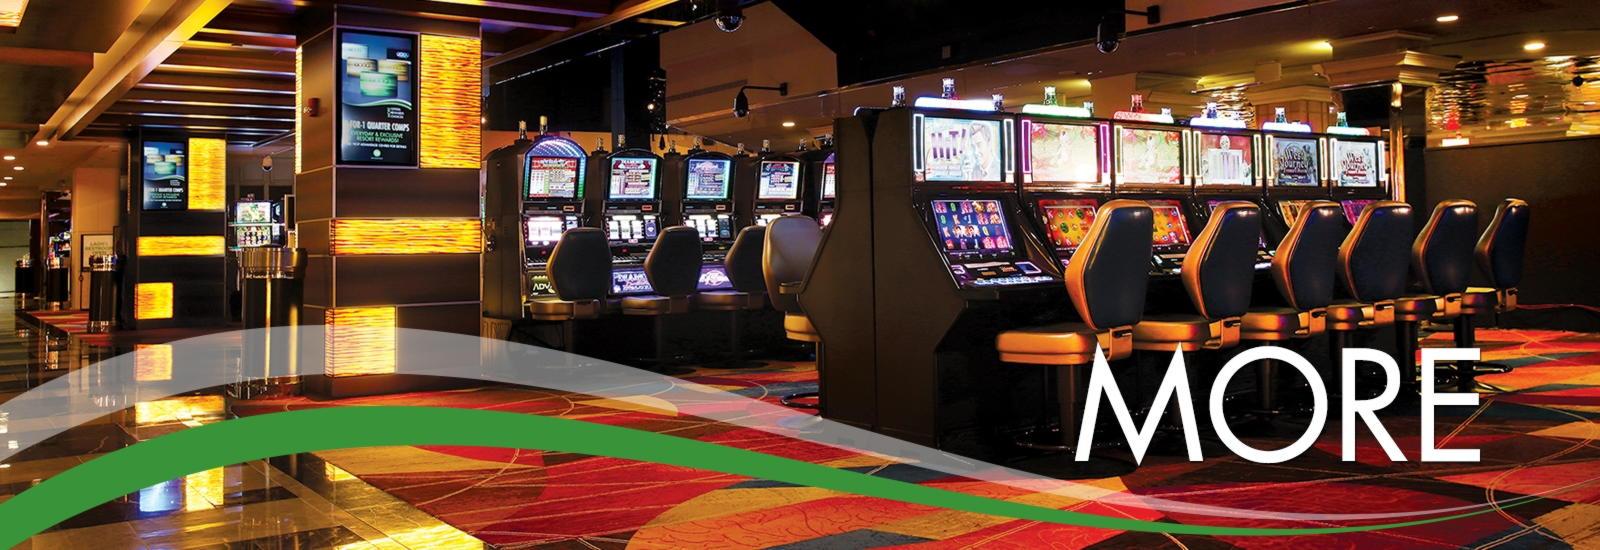 390% Kamp på et kasino på Mega Casino